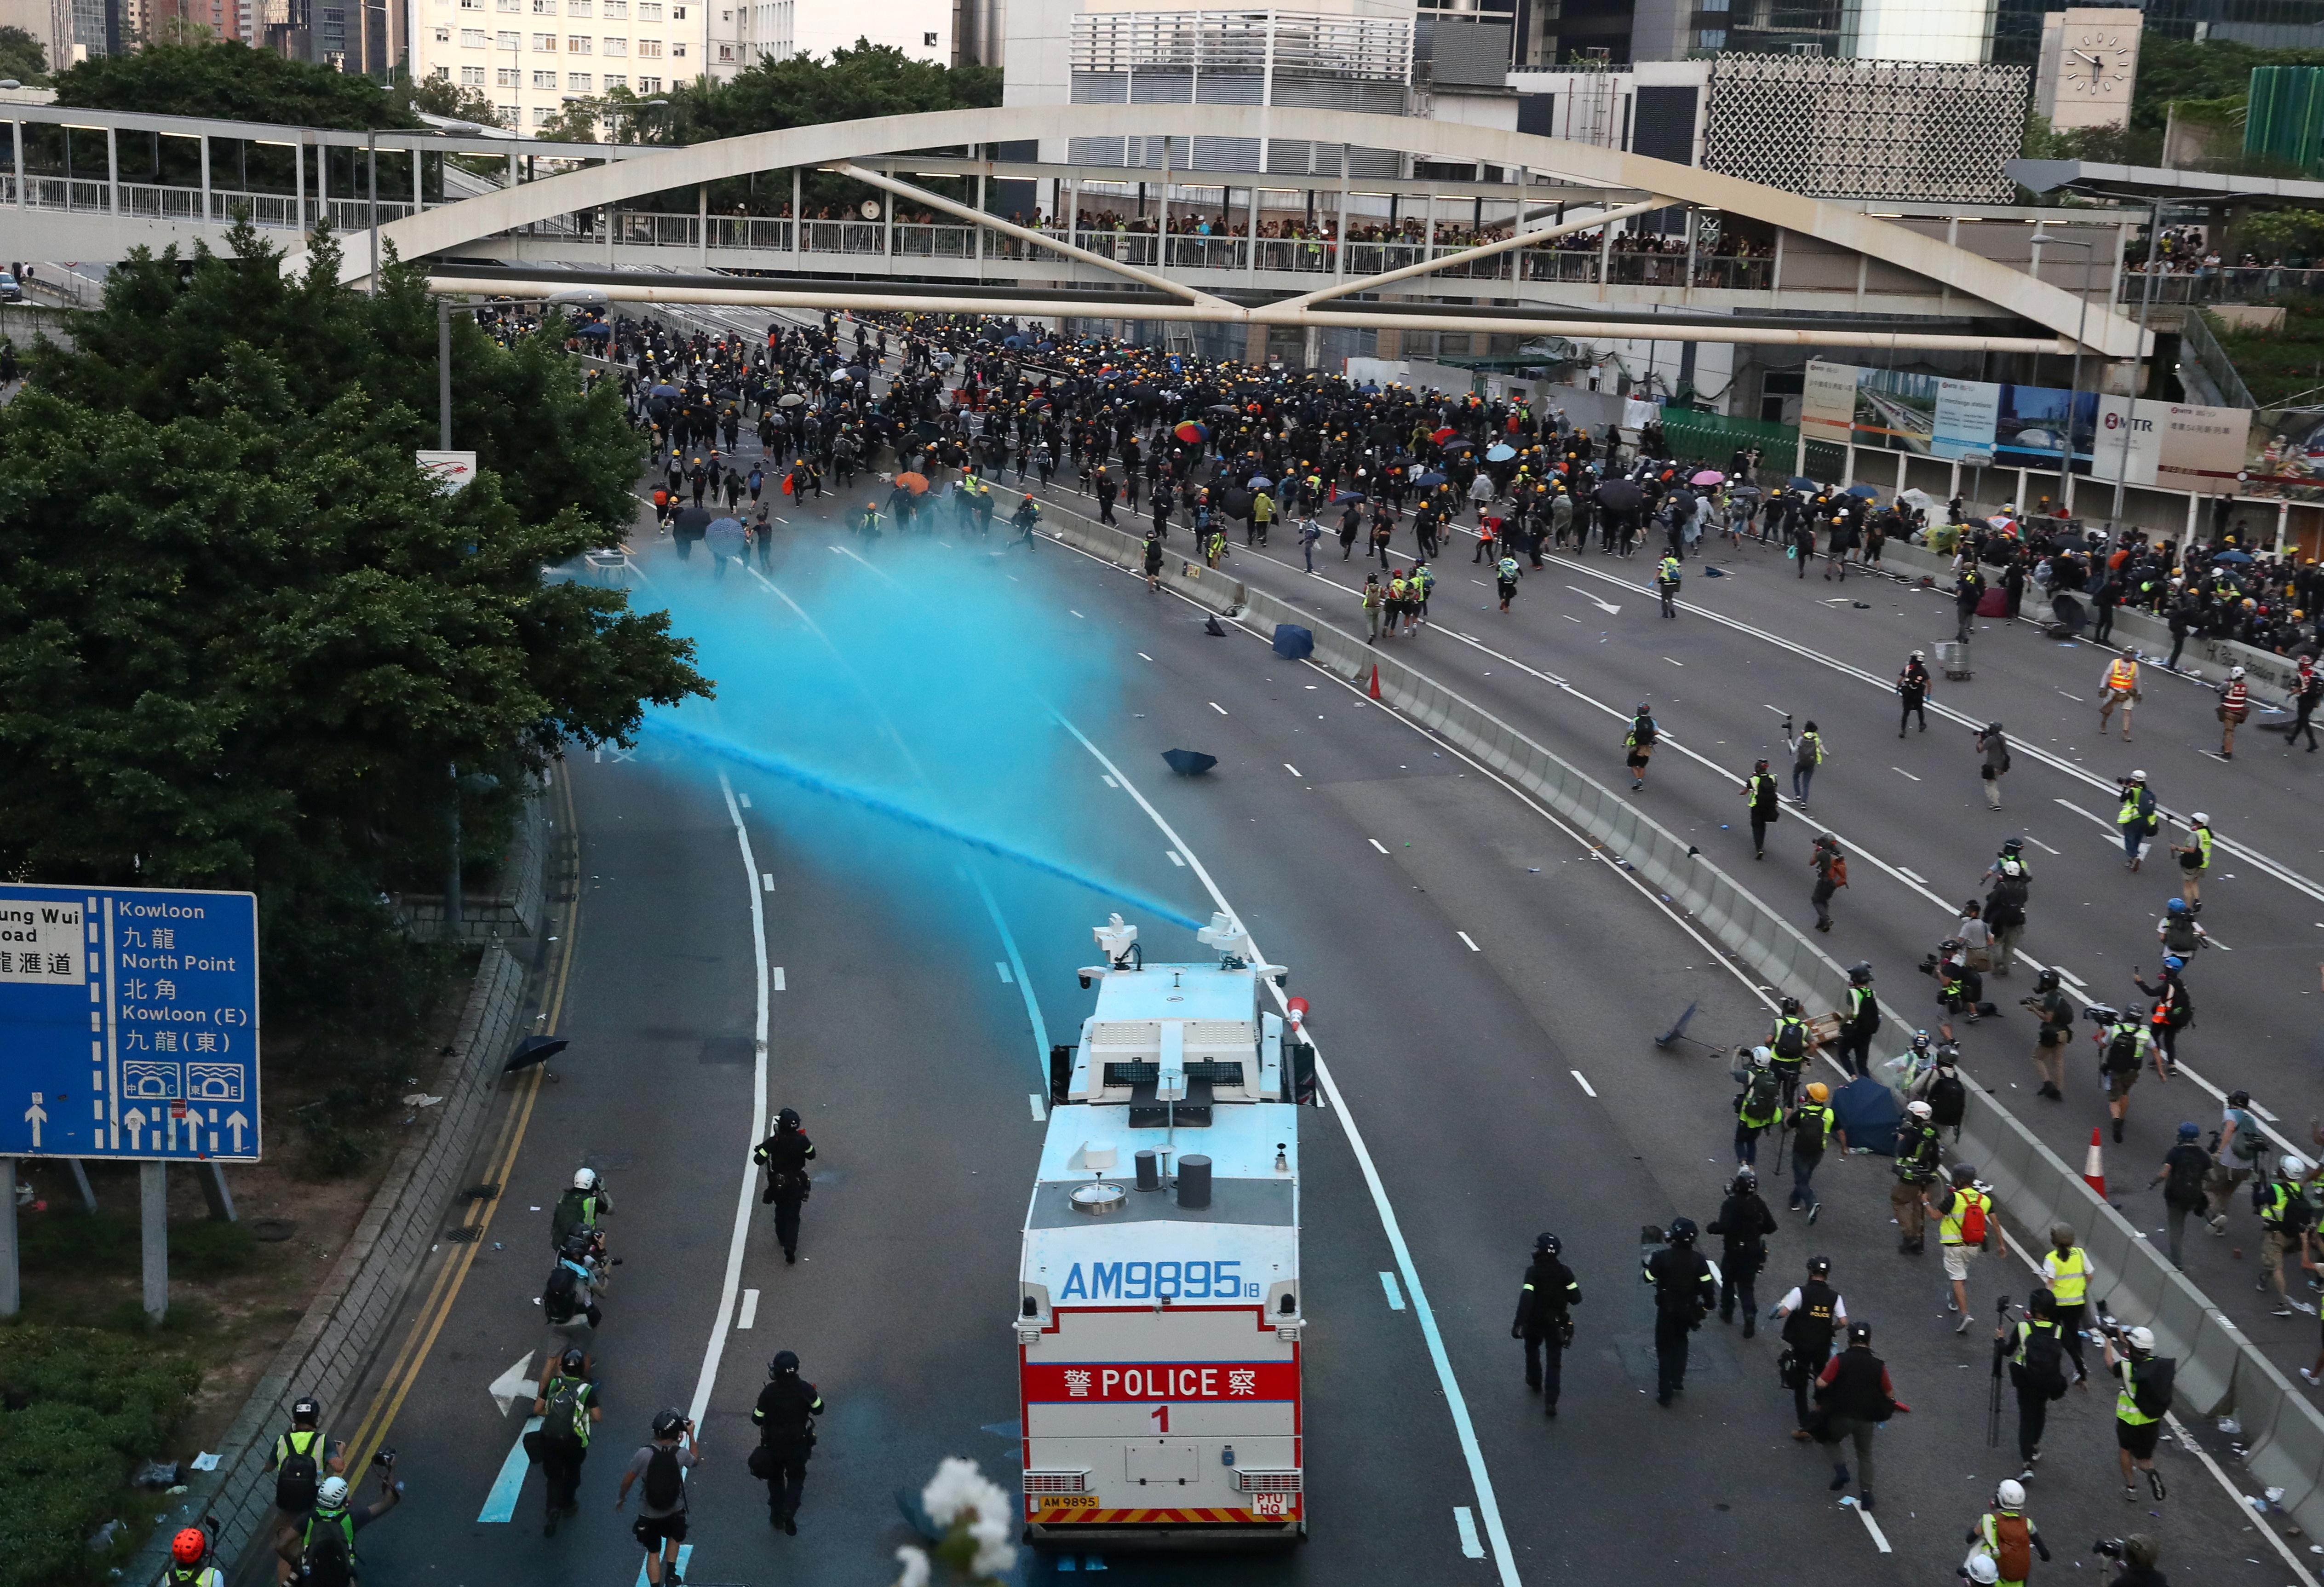 政府总部内有一辆水炮车向群众发射水柱,也不时使用蓝色水。-路透社-